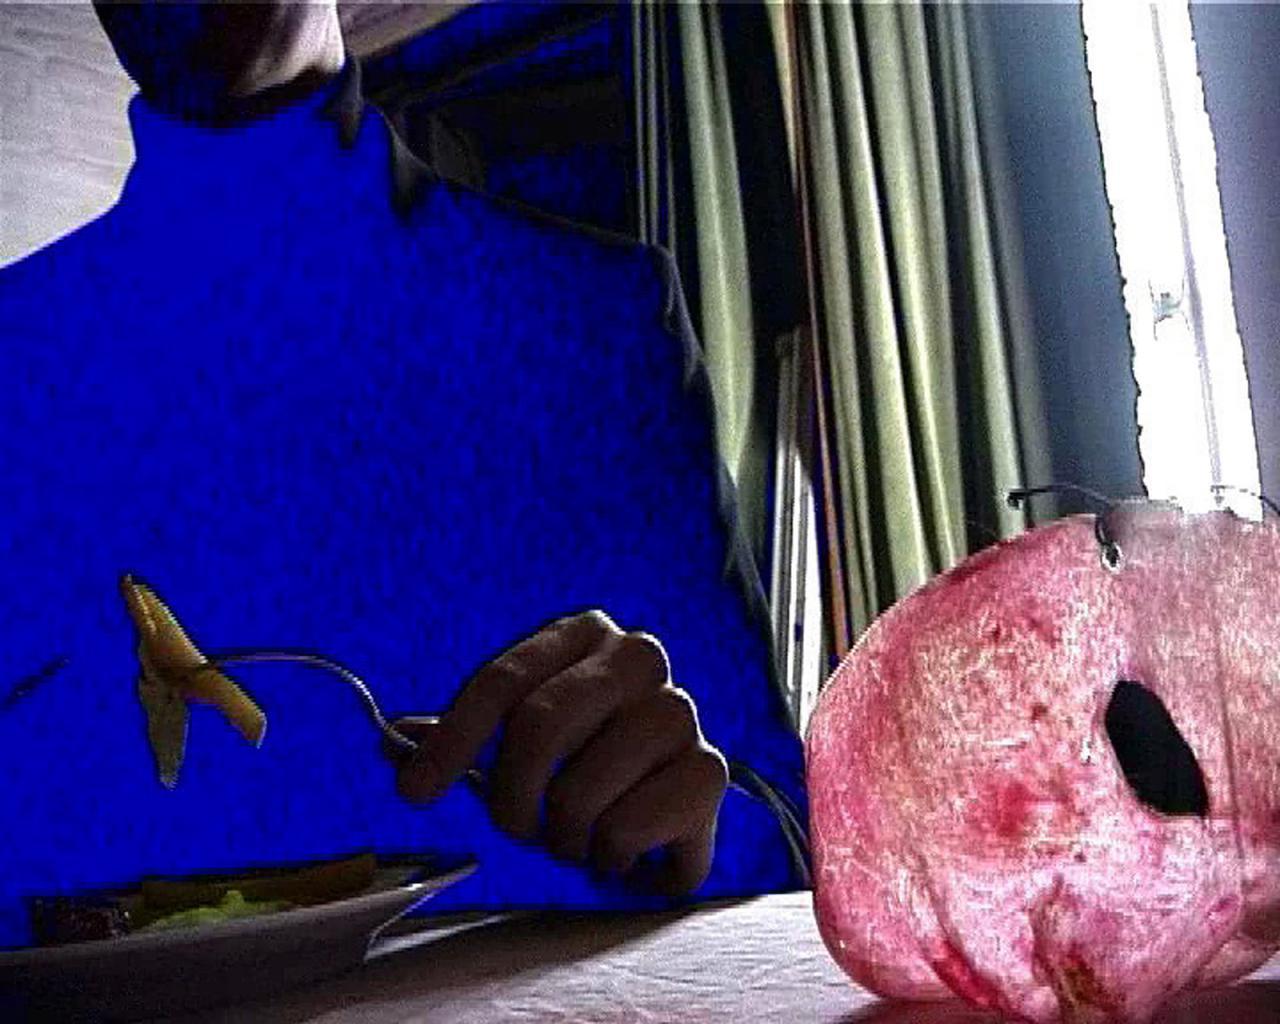 AMVK Dieper (video still,2003) CourtesyAMVK and Zeno X Gallery Antwerpen;Image: AMVK